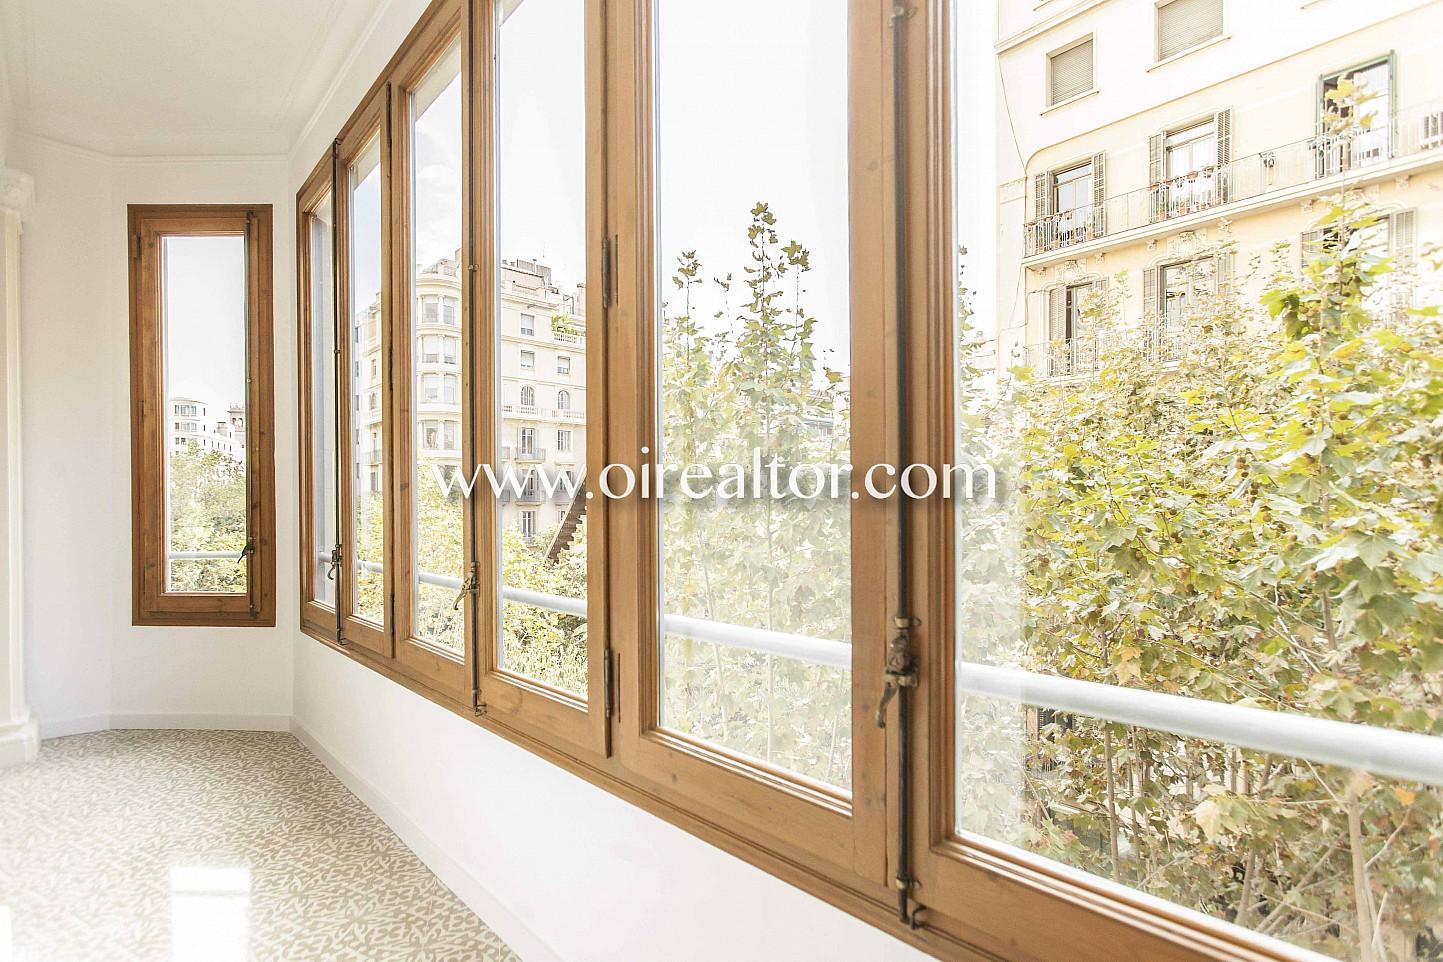 ventanal, cristalera, ventanas, vistas a la calle, vistas a la ciudad, piso con vistas, vistas